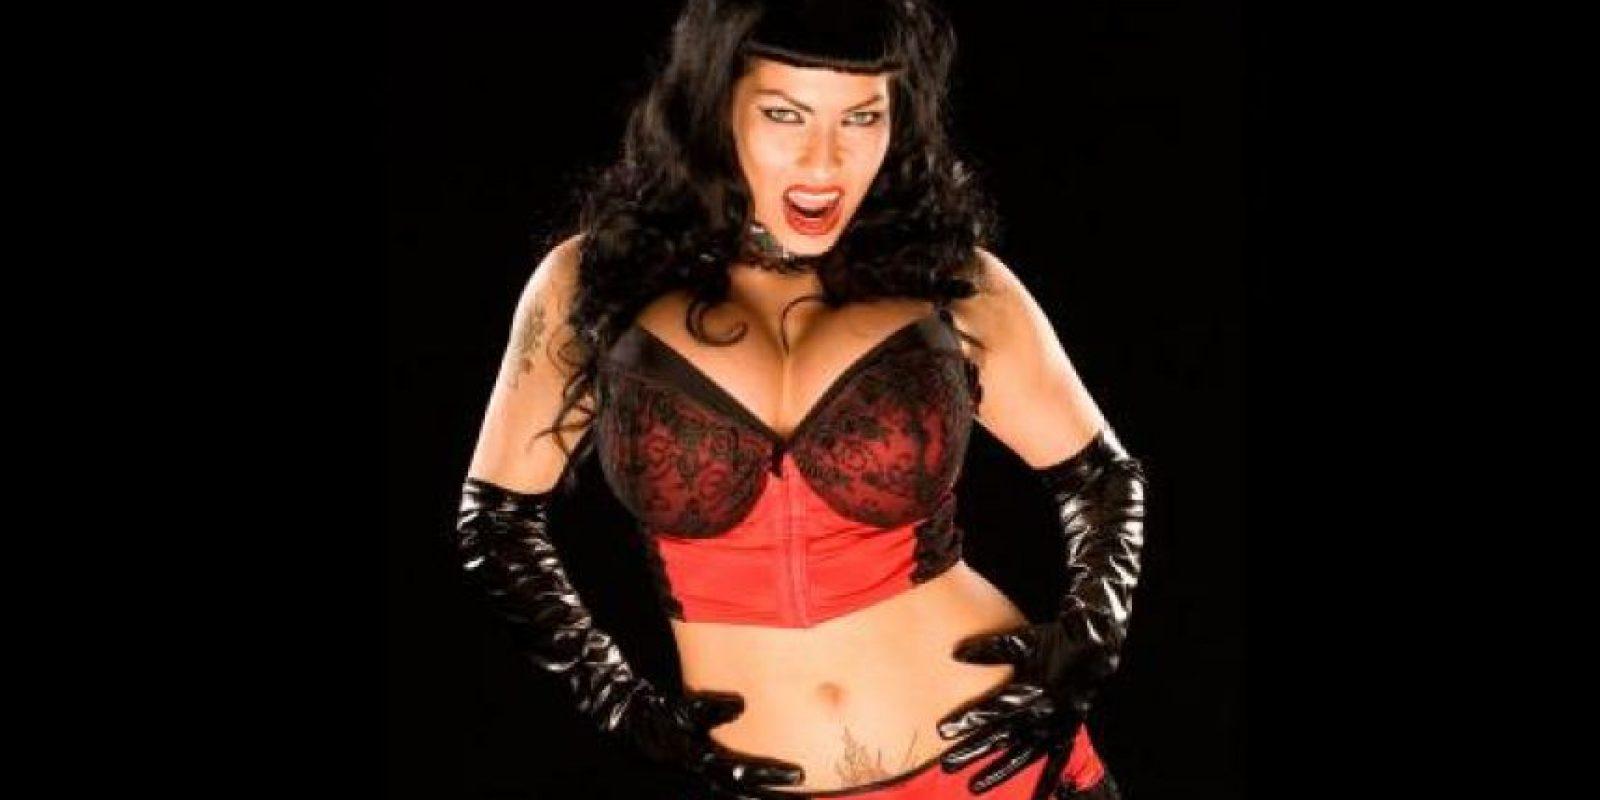 Fue parte de la WWE de 2005 a 2007 Foto:WWE